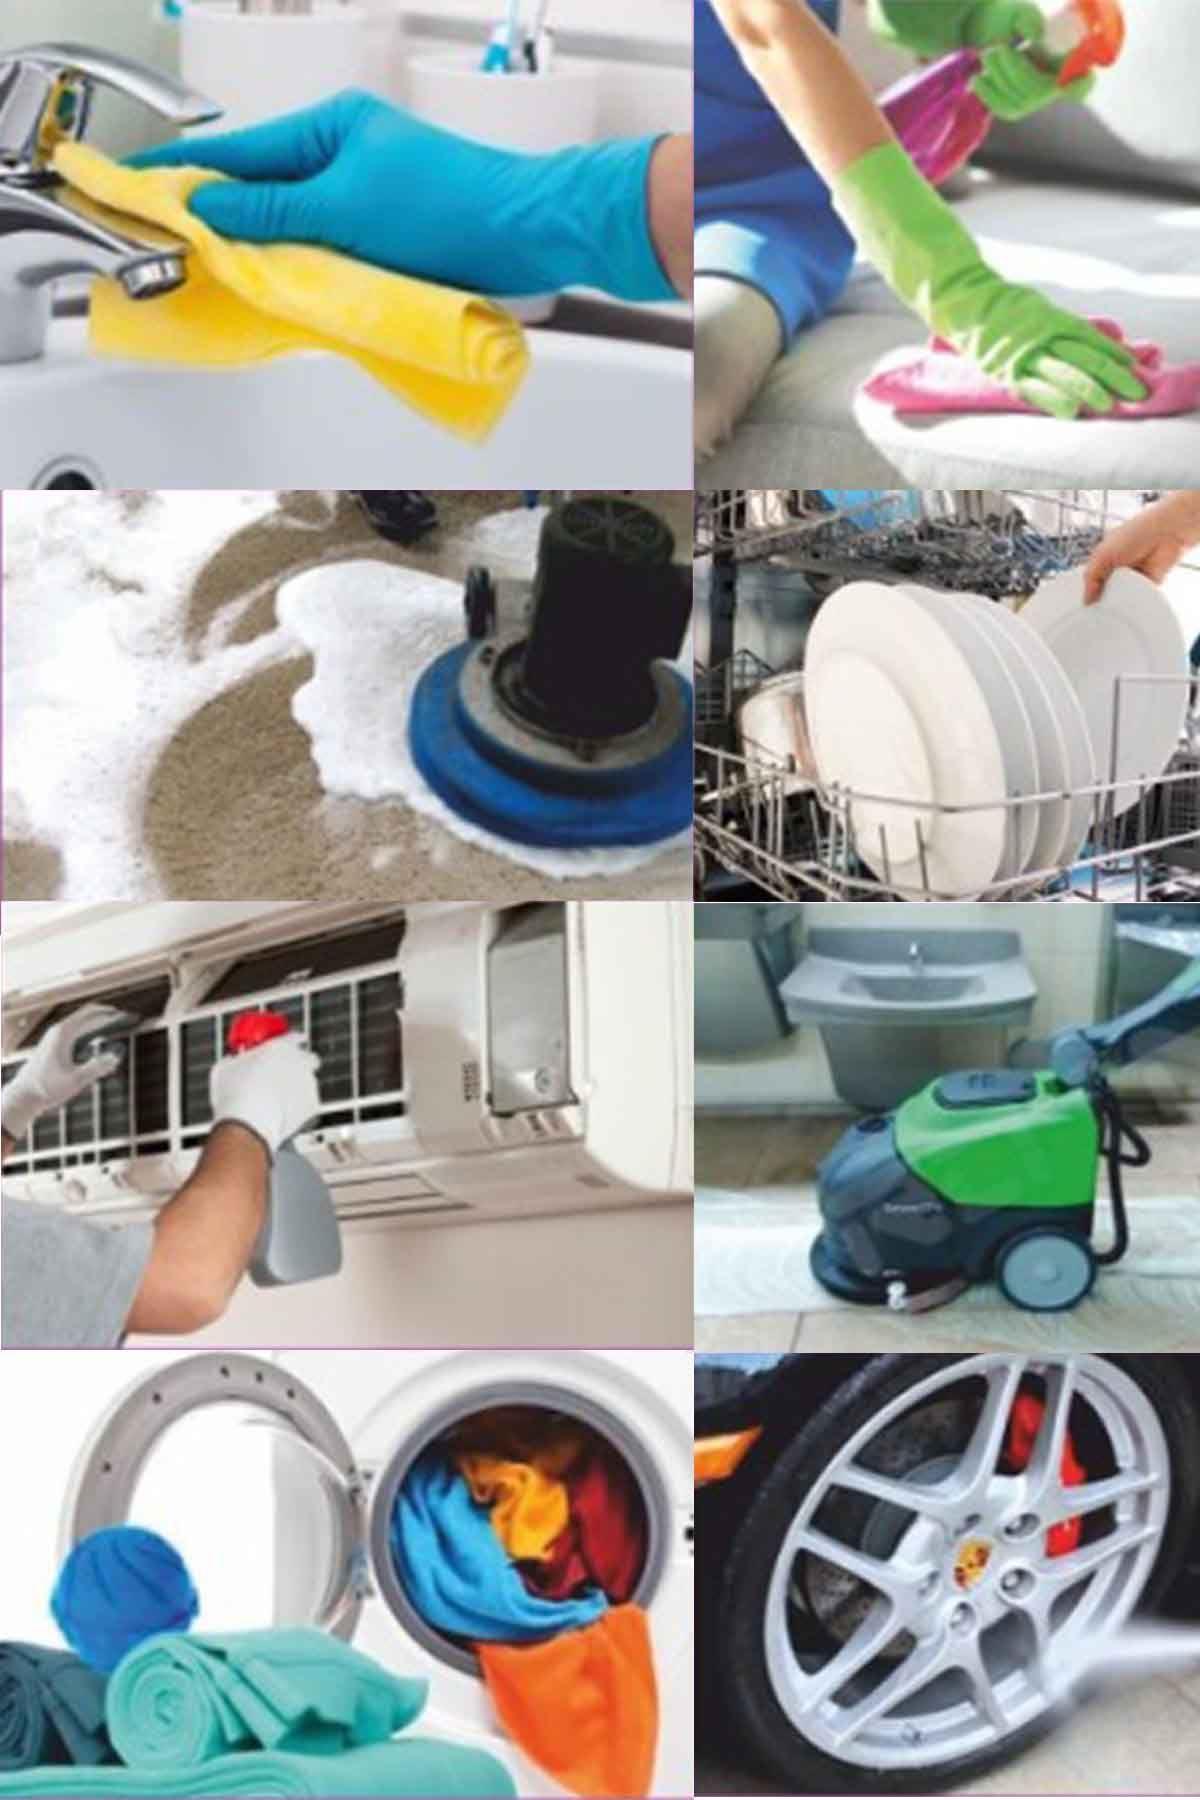 SMX Seramik Cila / Hızlı Cila / Pratik Cila / Nano Genel Amaçlı Temizleyici / Banyo Temizleyici / Fayans Temizleyici / Derz Temizleyici